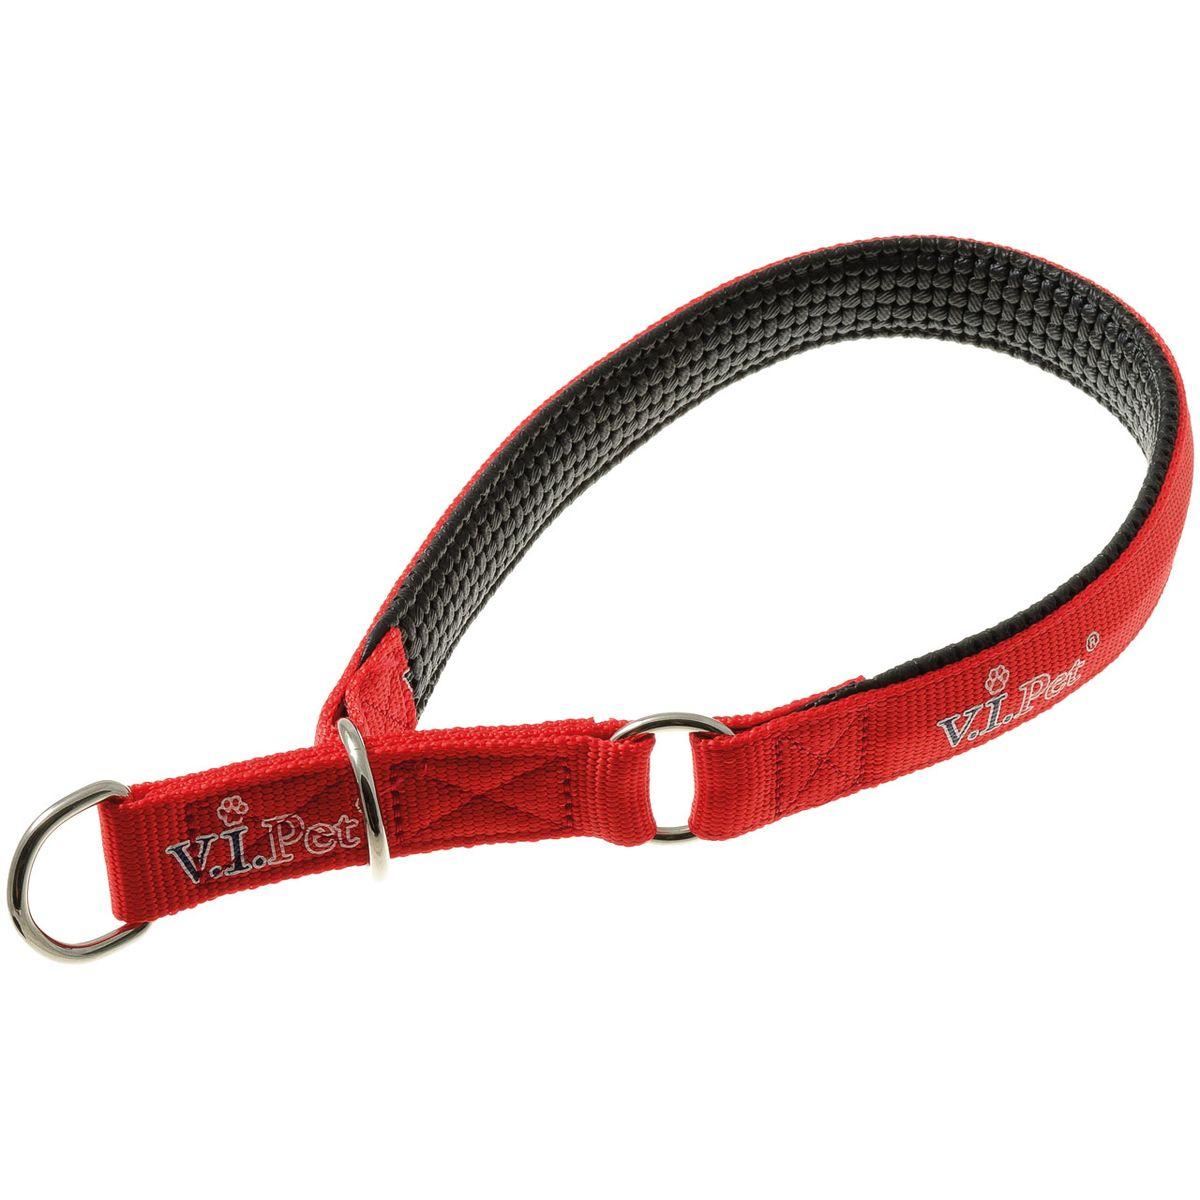 Ошейник для собак V.I.Pet, цвет: красный, ширина 25 мм, длина 50-60 см0120710Ошейник V.I.Pet выполнен из высококачественного нейлона, который легко стирается и быстро сохнет, долго сохраняет яркие цвета и не красит шерсть, даже во время водных процедур. Имеет неопреновую подкладку, все швы аккуратно обработаны, что особенно оценят собаки с нежной кожей. Ошейник надежно и бережно удержит любую собаку. Вся используемая фурнитура - сварная.